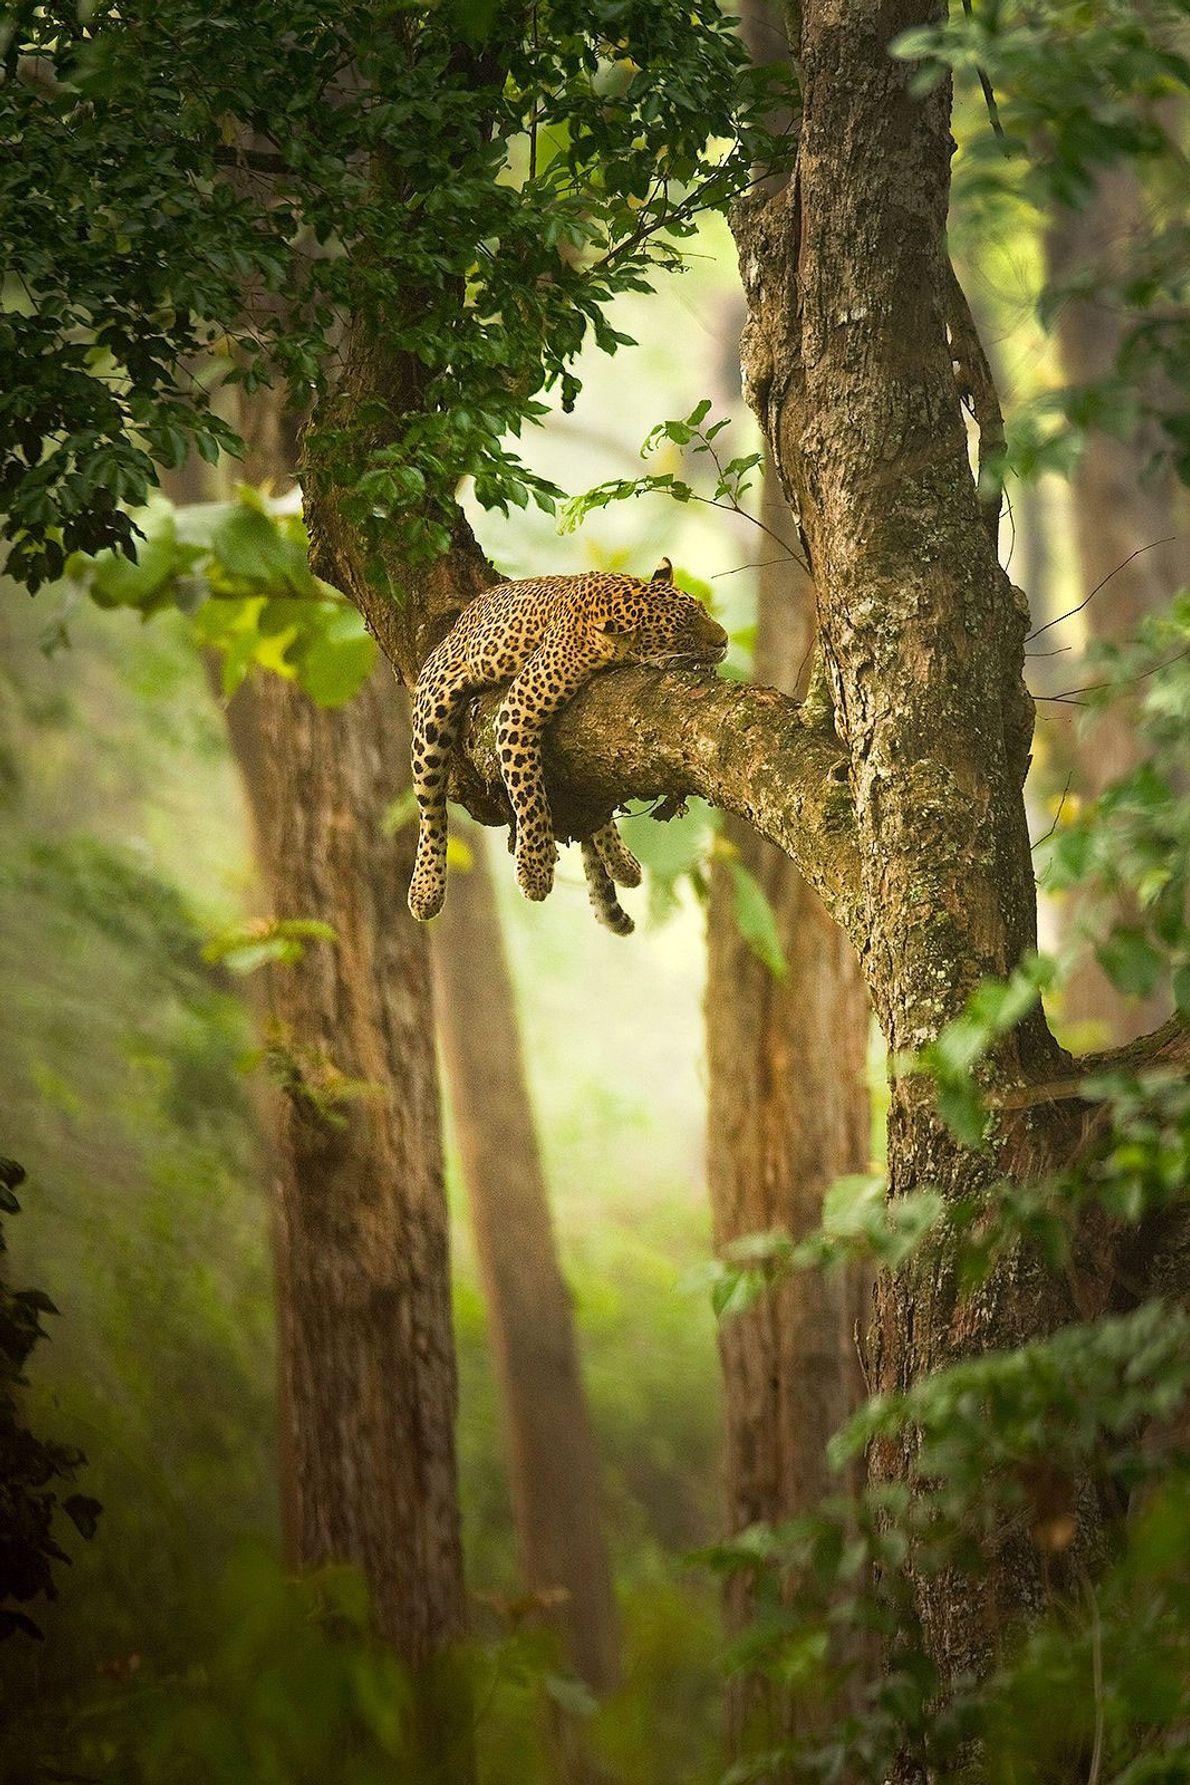 Un leopardo dormido sobra una rama de árbol.